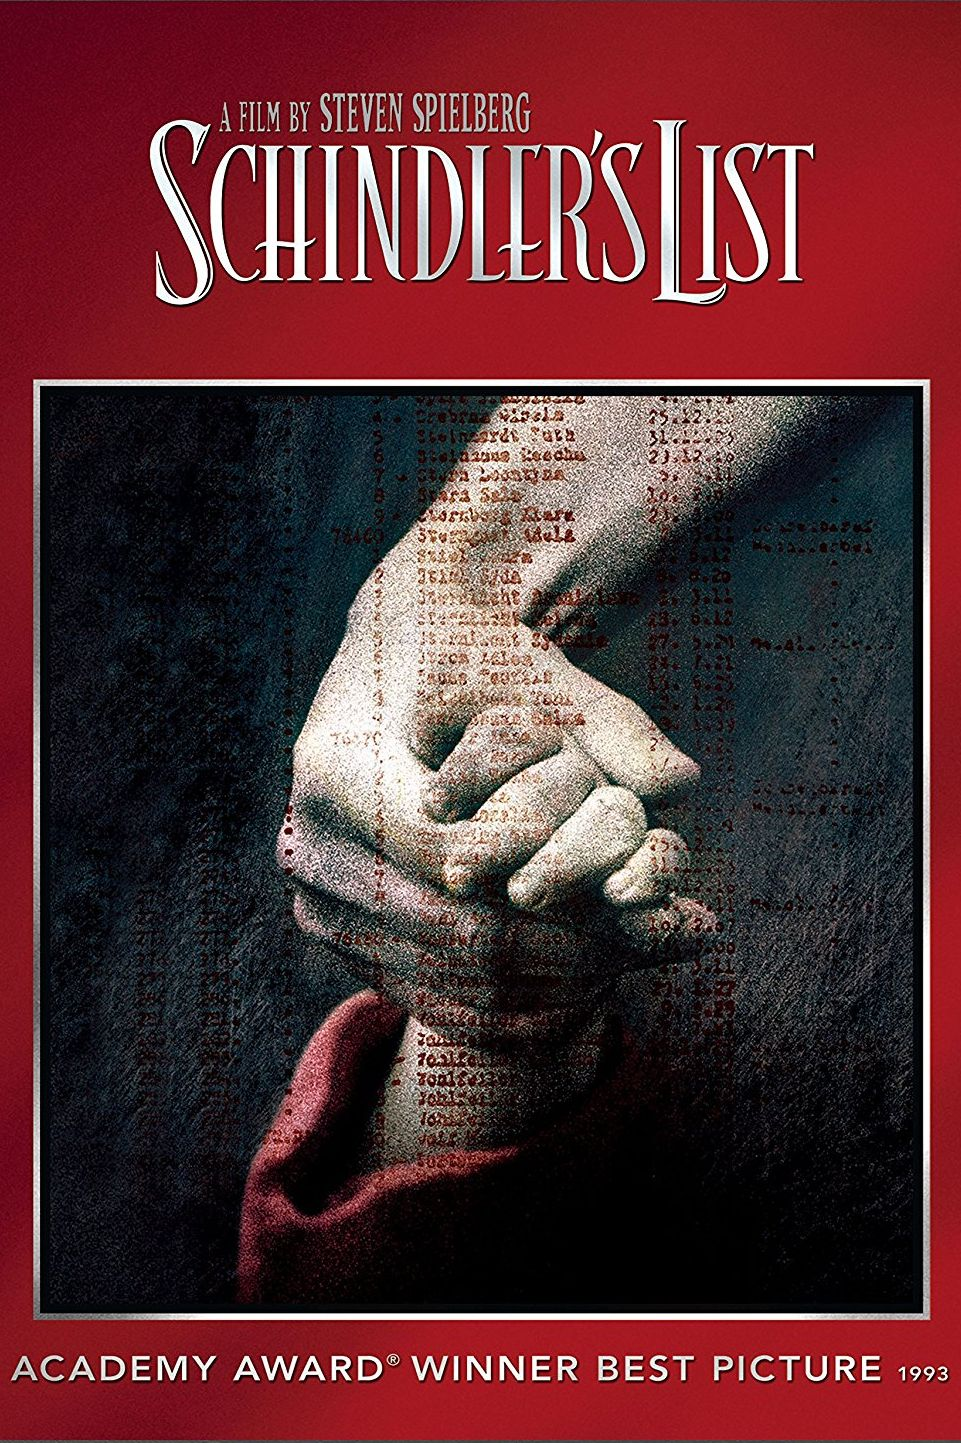 """""""Списъкът на Шиндлер"""" (1993) Бизнесменът Оскар Шиндлер, спасява близо 1200 евреи по времето на Втората световна война. Те работят в неговата фабрика за домашна посуда. Във филма, режисиран от Спилбърг, участват Бен Кингсли, Лиъм Нийсън, Ралф Файнс и други звезди. Лентата става абсолютен фаворит, печелейки 7 от общо 12 награди """"Оскар"""", включително за """"най-добър филм"""", """"най-добър сценарий"""" и """"най-добра режисура""""."""